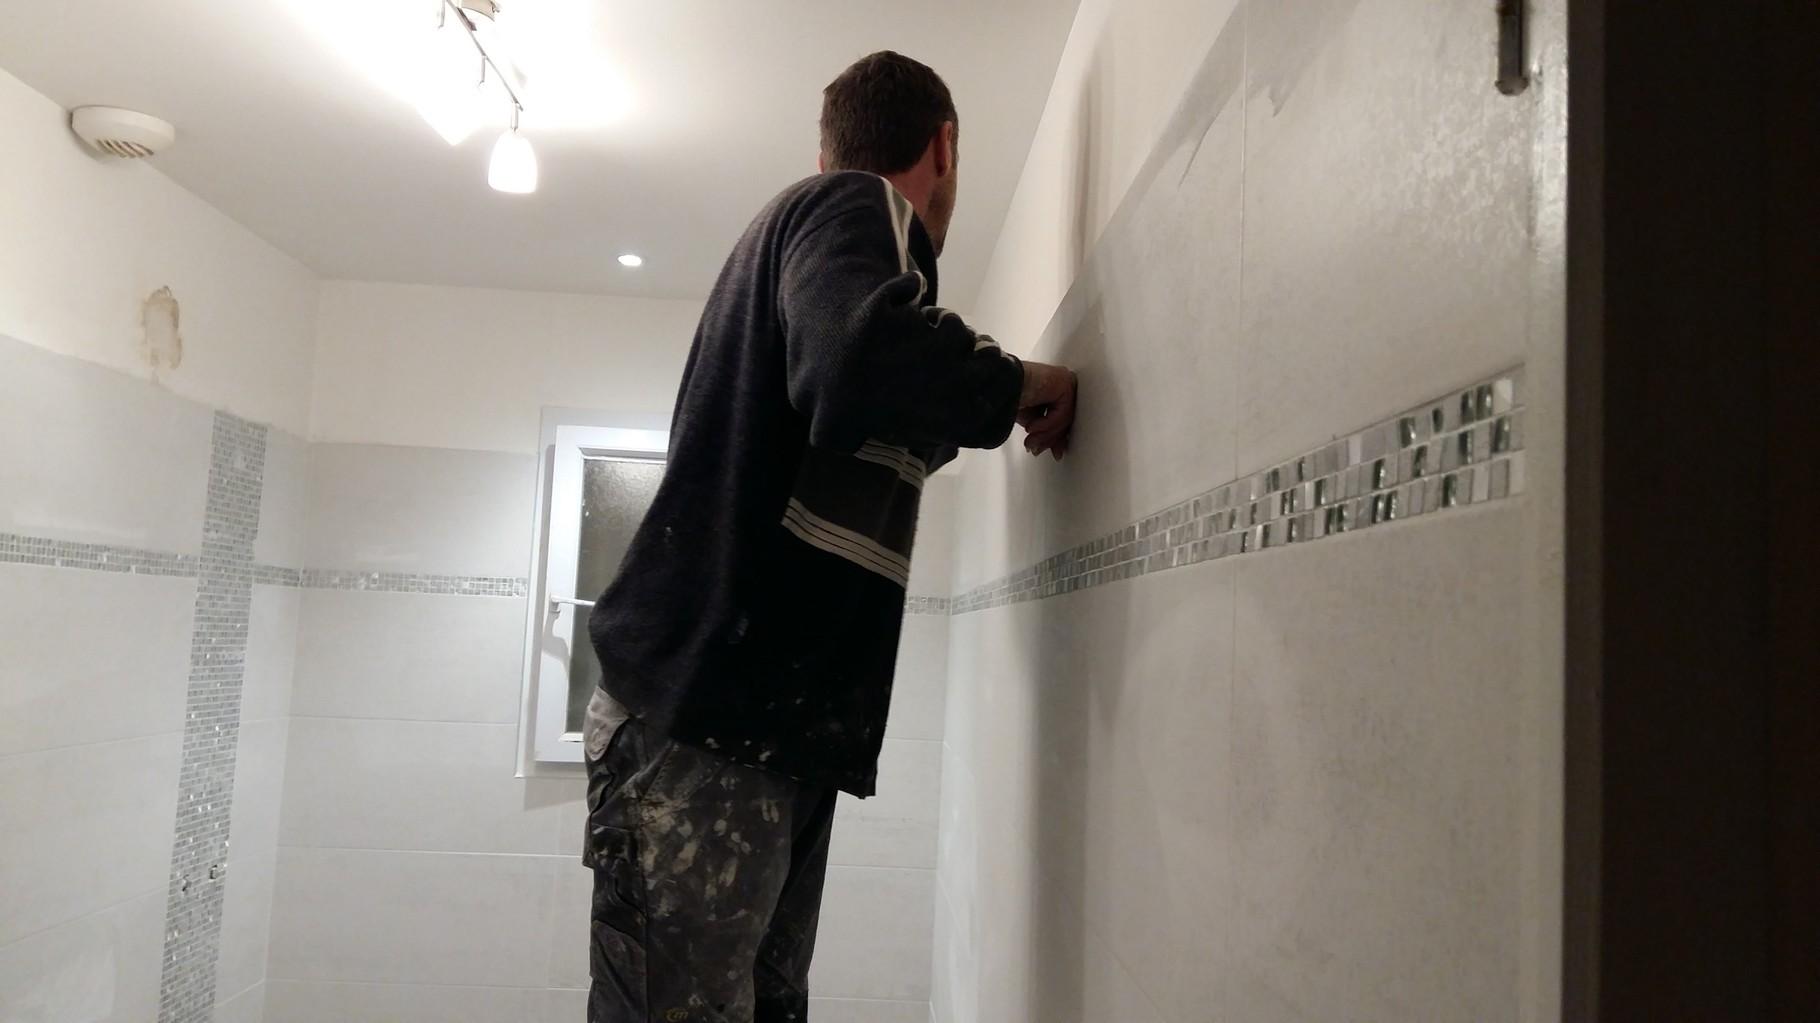 Salle de bain fa ences carreleur b ziers eric sanjuan for Frise mosaique salle de bain